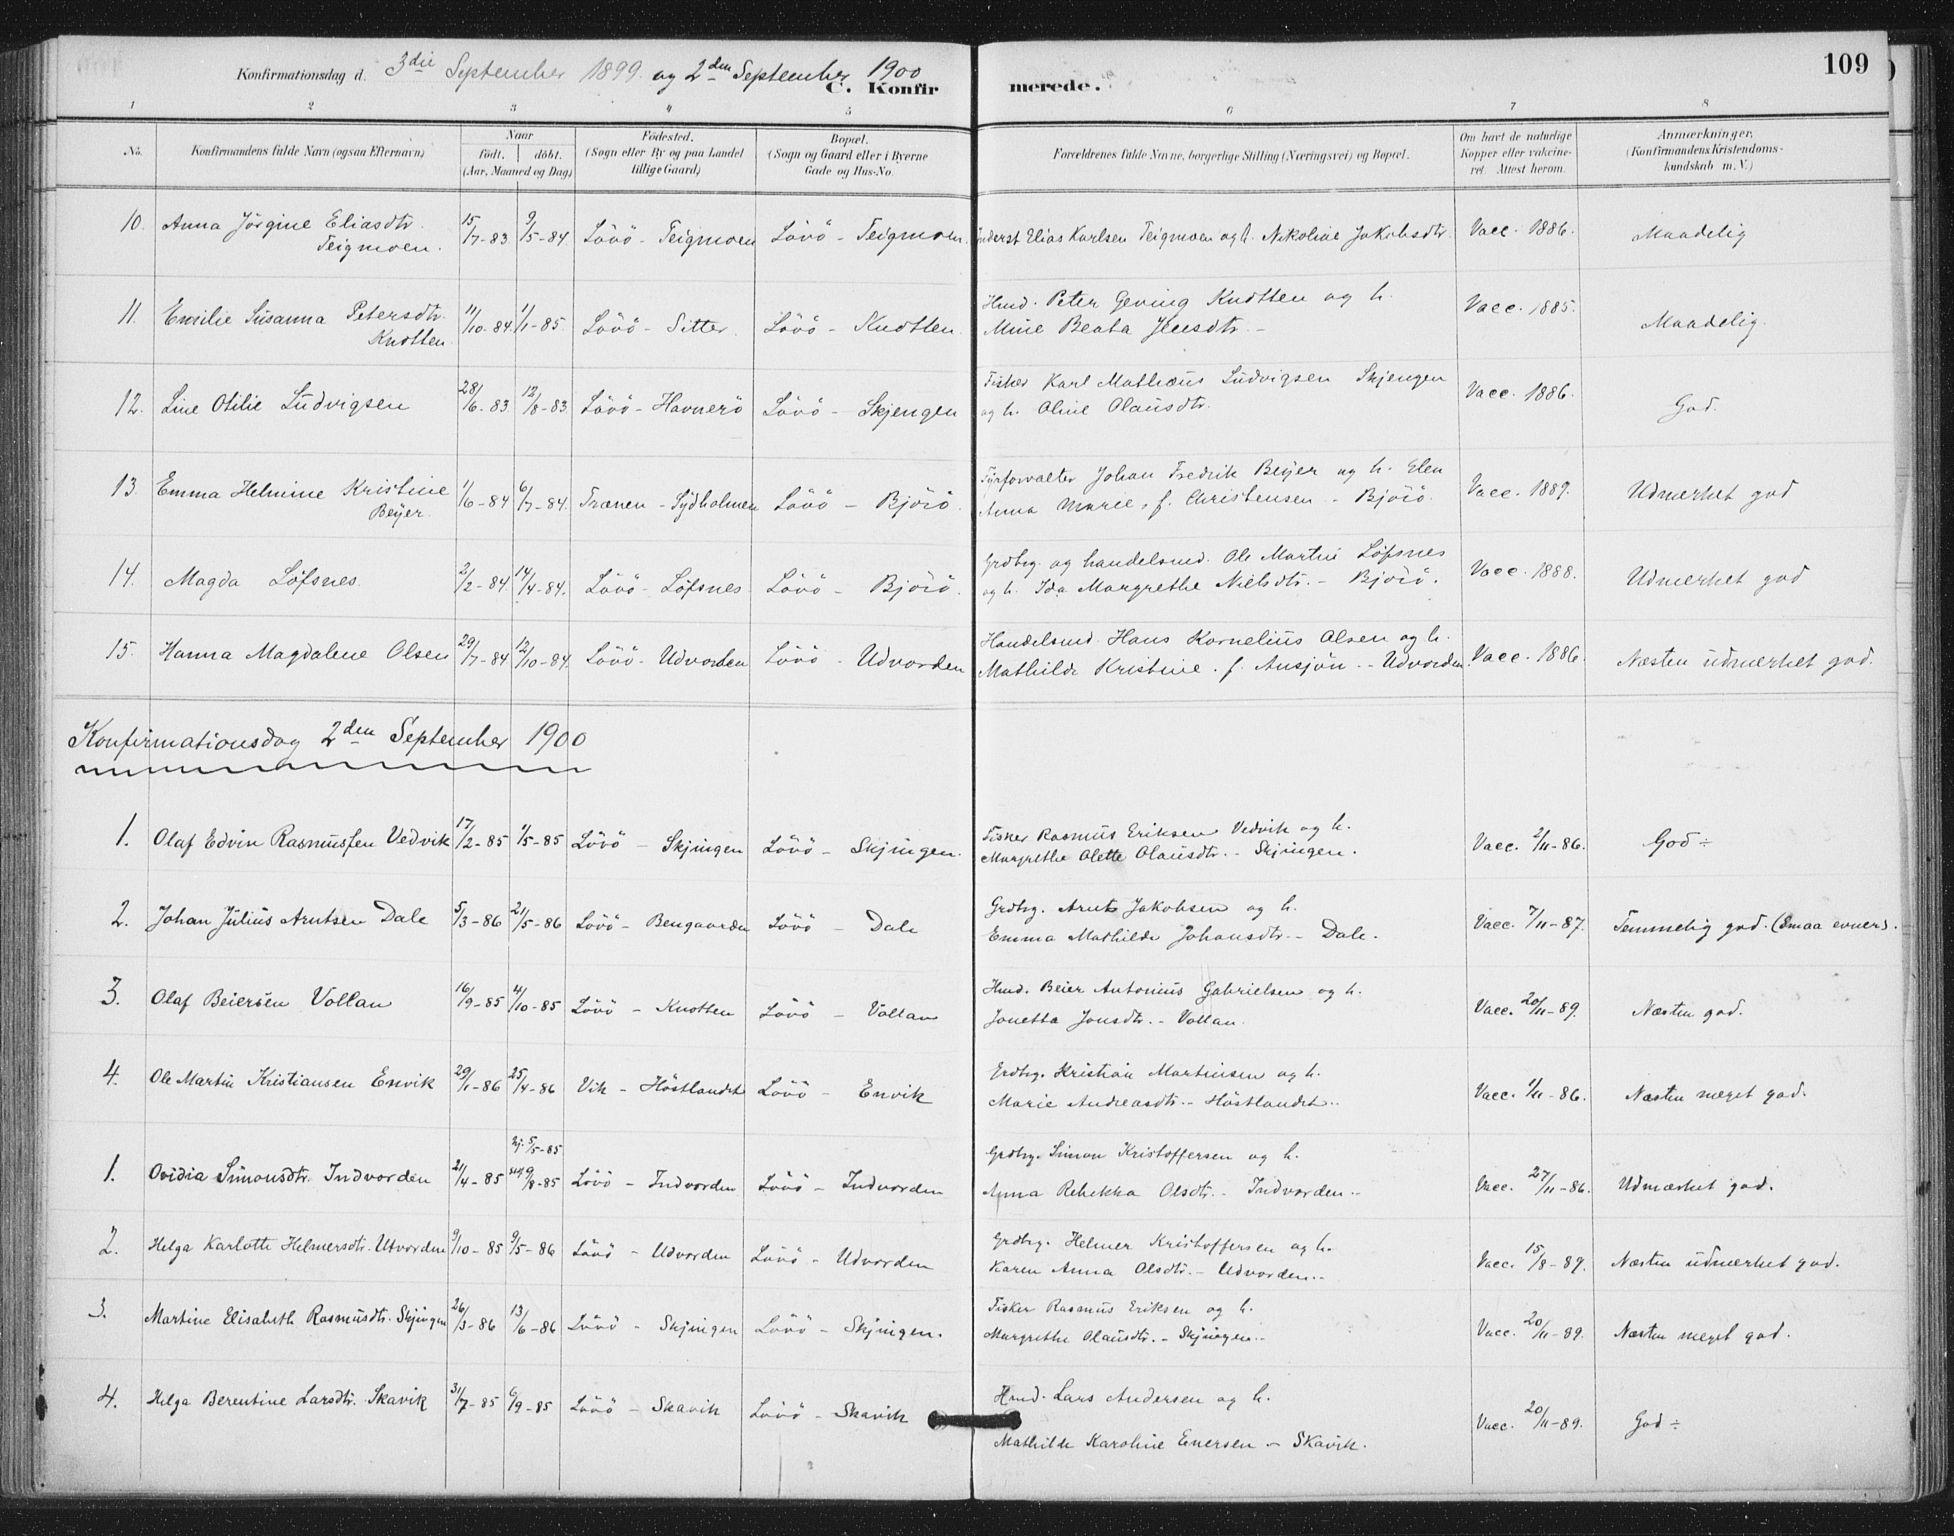 SAT, Ministerialprotokoller, klokkerbøker og fødselsregistre - Nord-Trøndelag, 772/L0603: Ministerialbok nr. 772A01, 1885-1912, s. 109